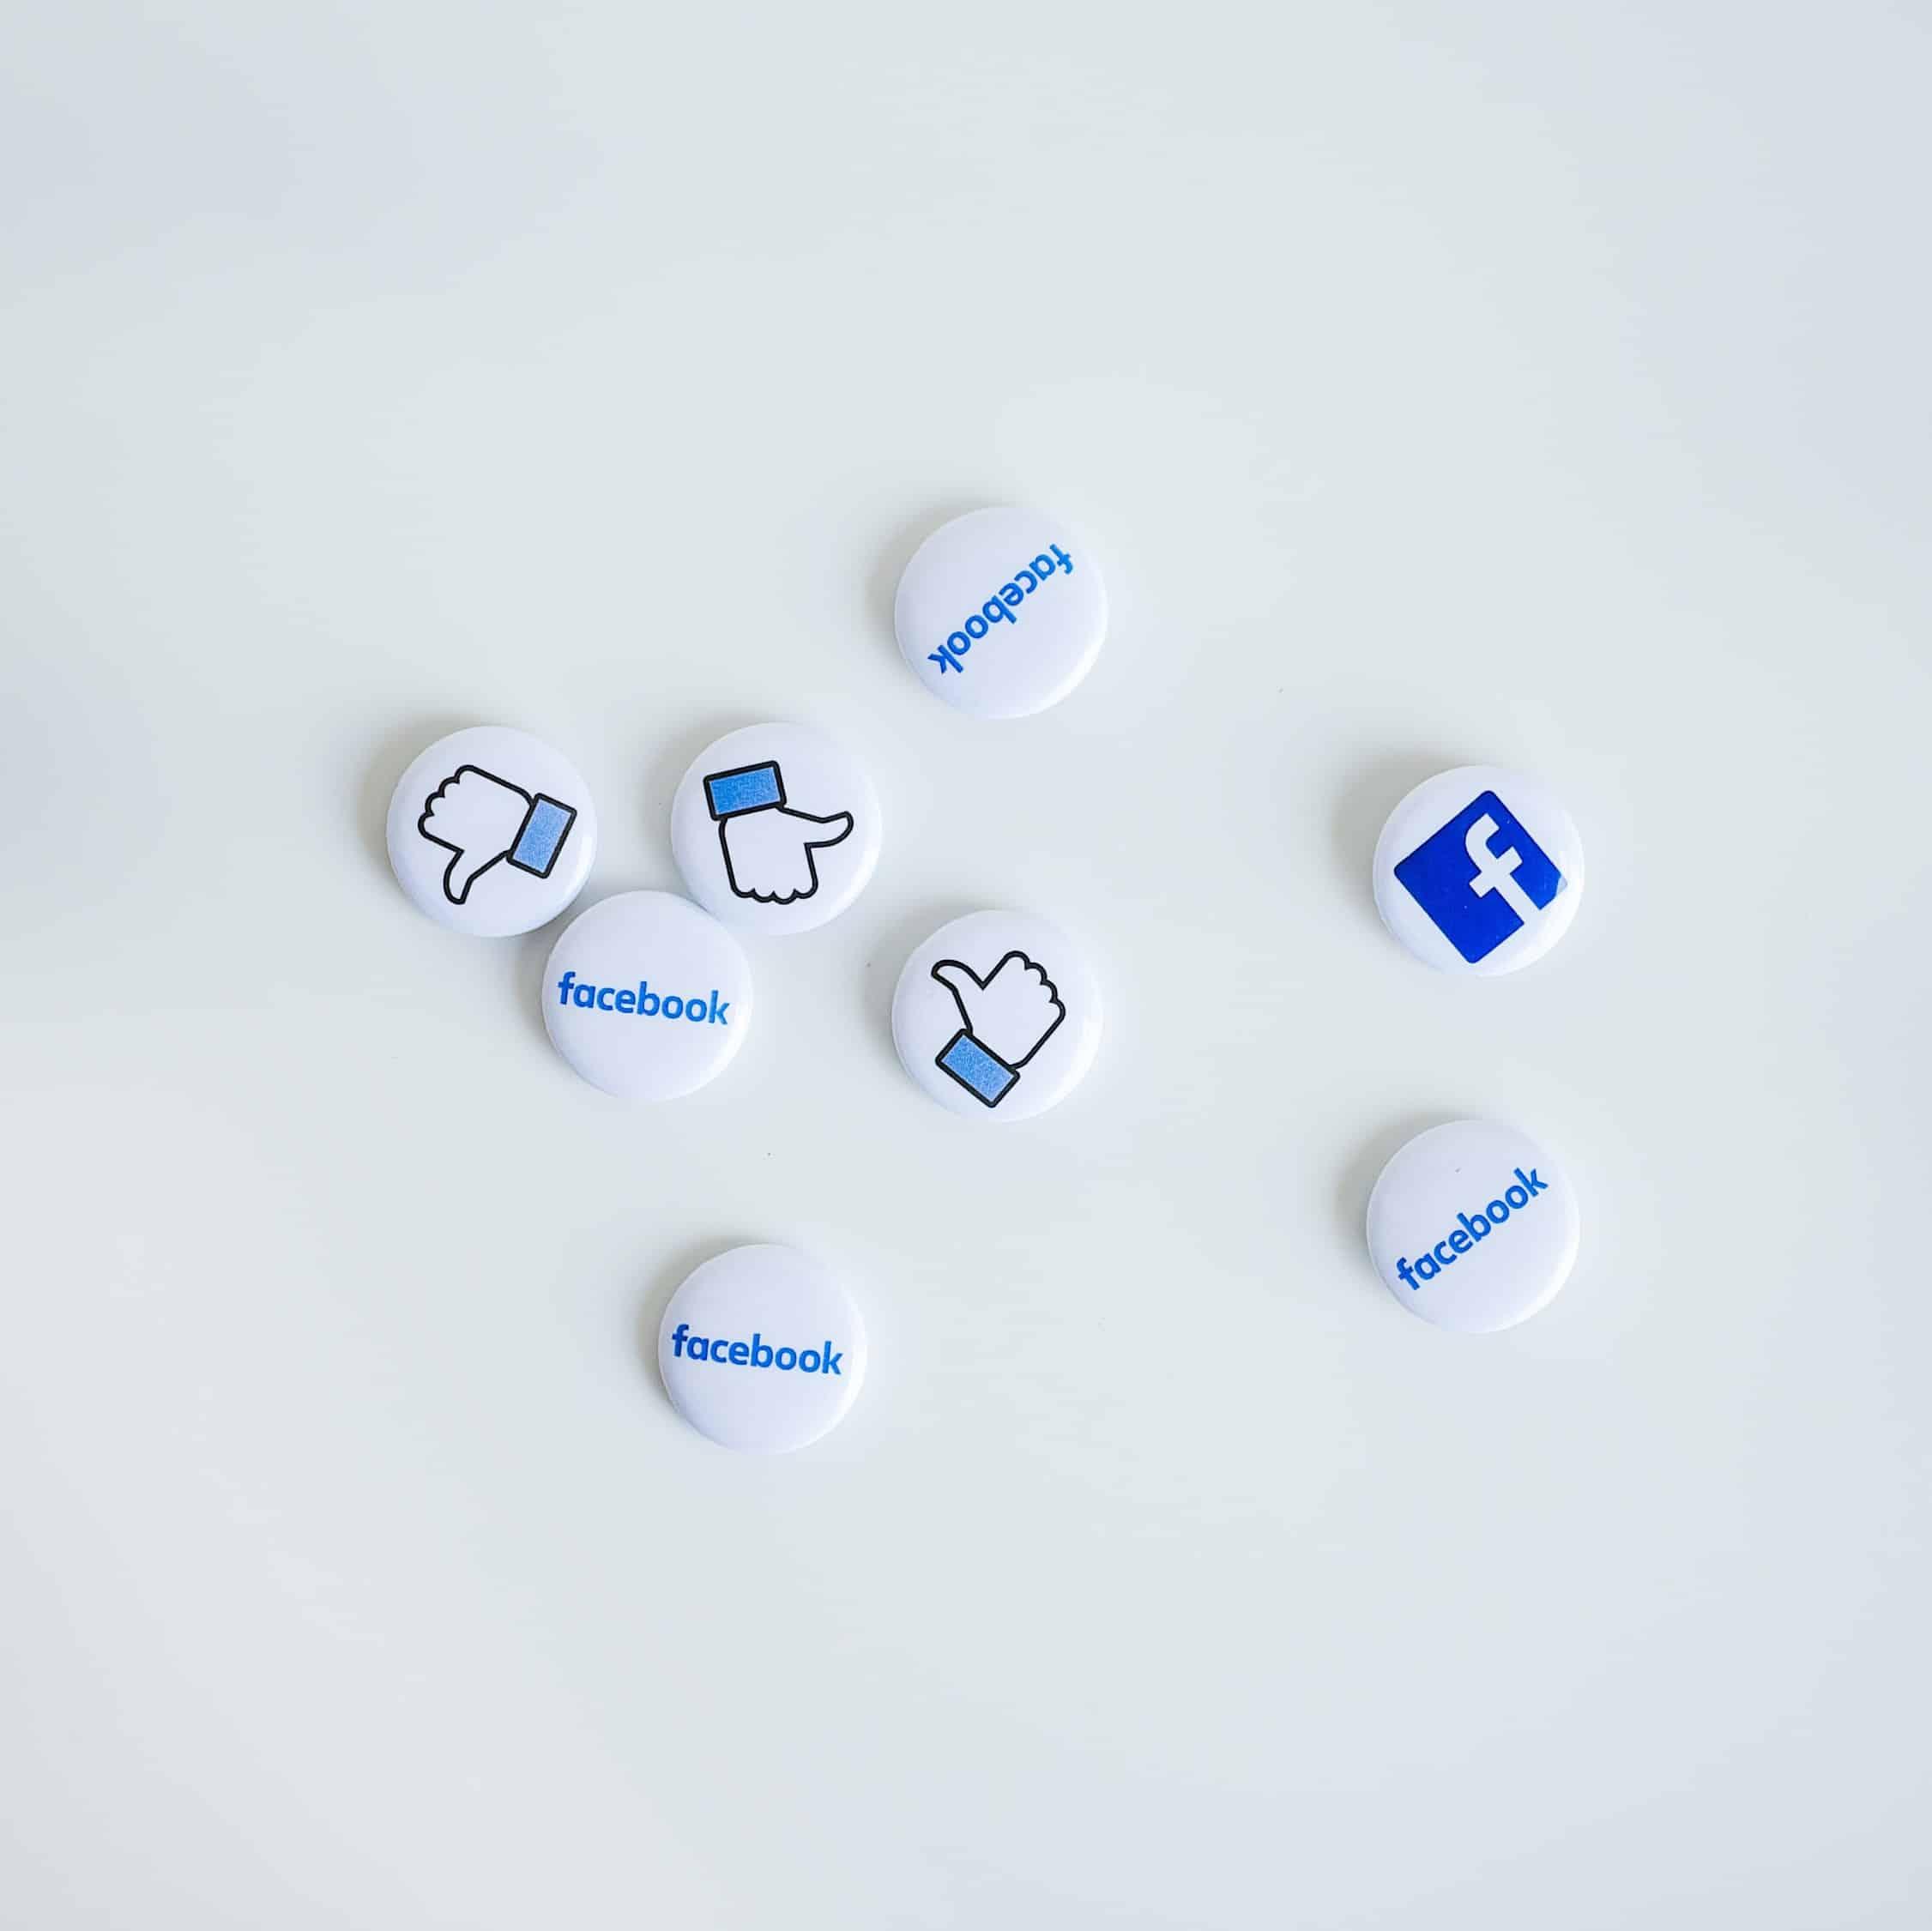 Ikuti Instagram, Facebook Juga Uji Coba Sembunyikan Likes